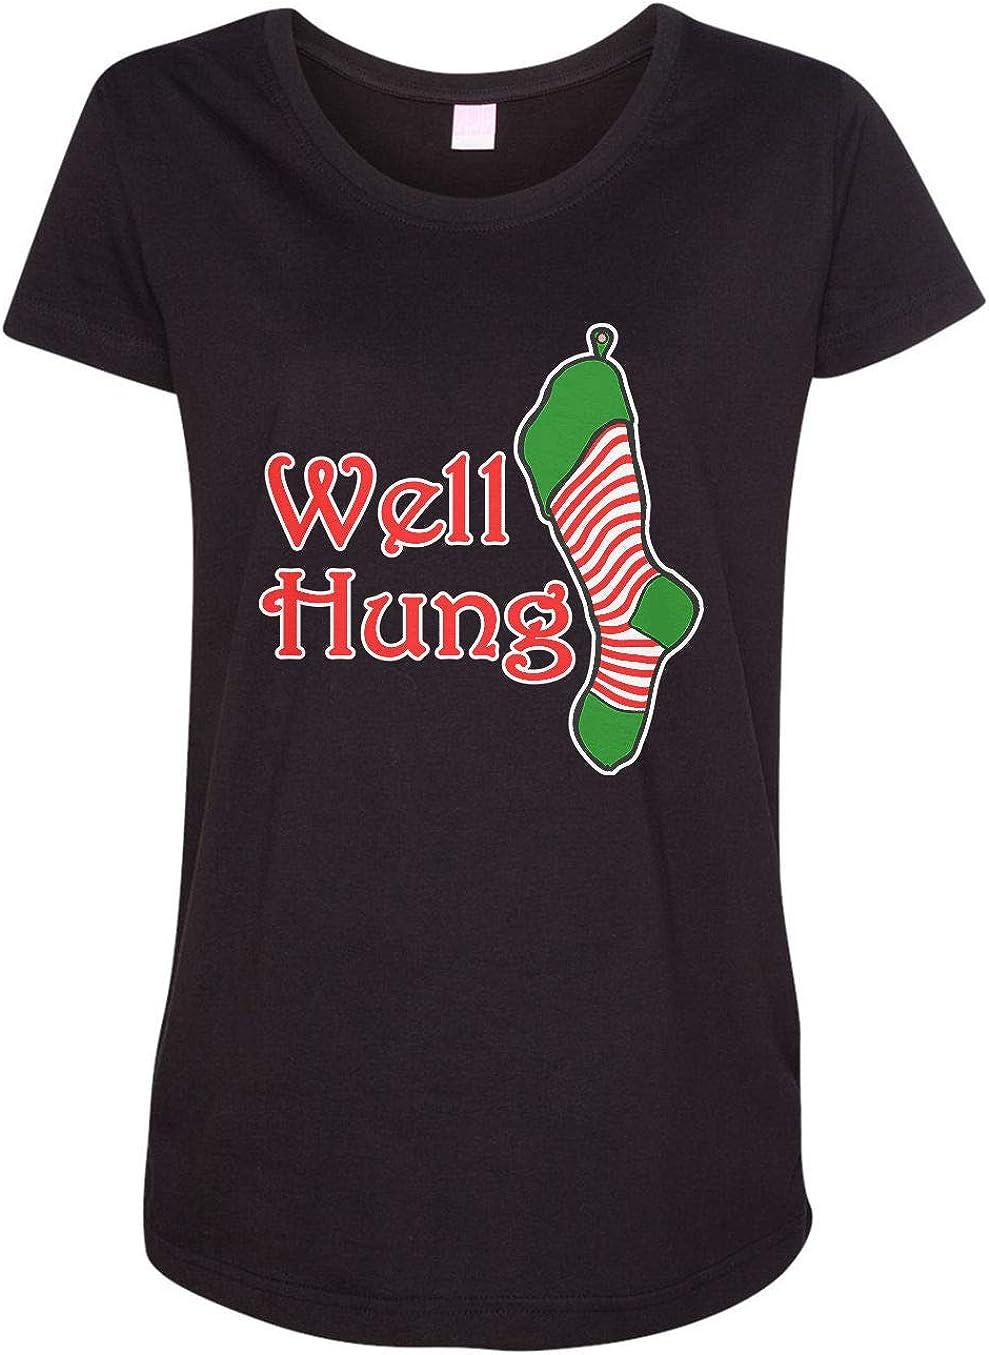 HARD EDGE DESIGN Women's Well Hung T-Shirt